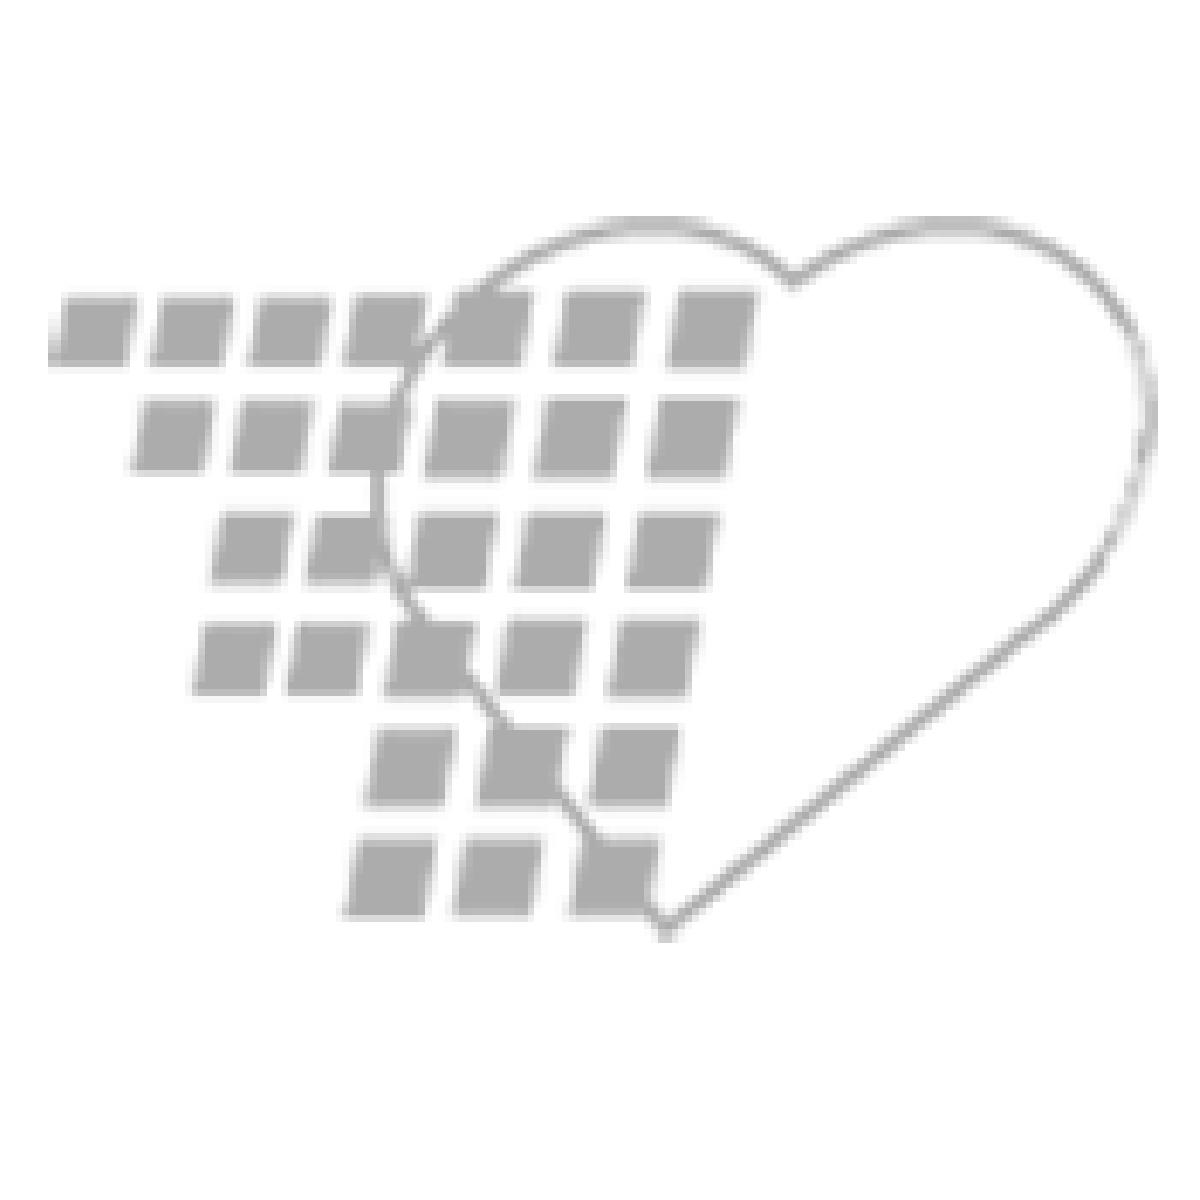 05-84-7600 Herringbone Spread Blanket